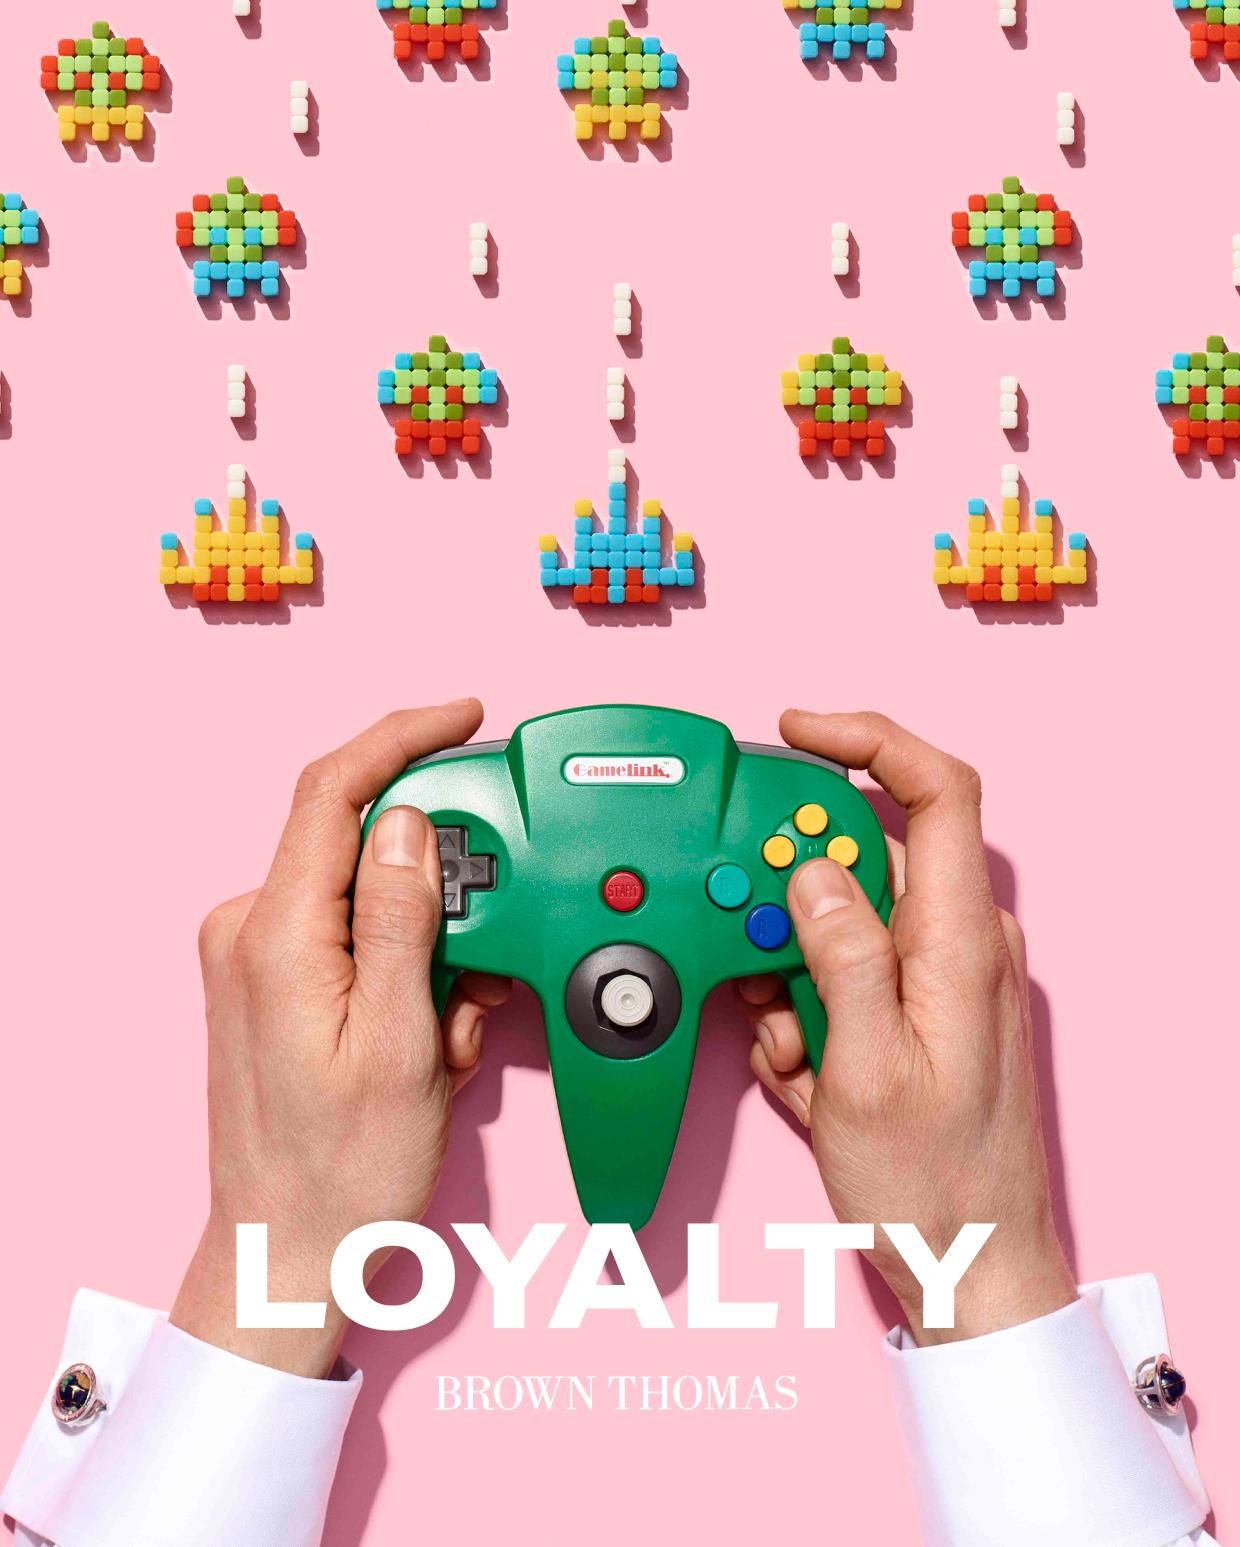 TogetherWeCreate_BT_Loyalty_Hero7.png